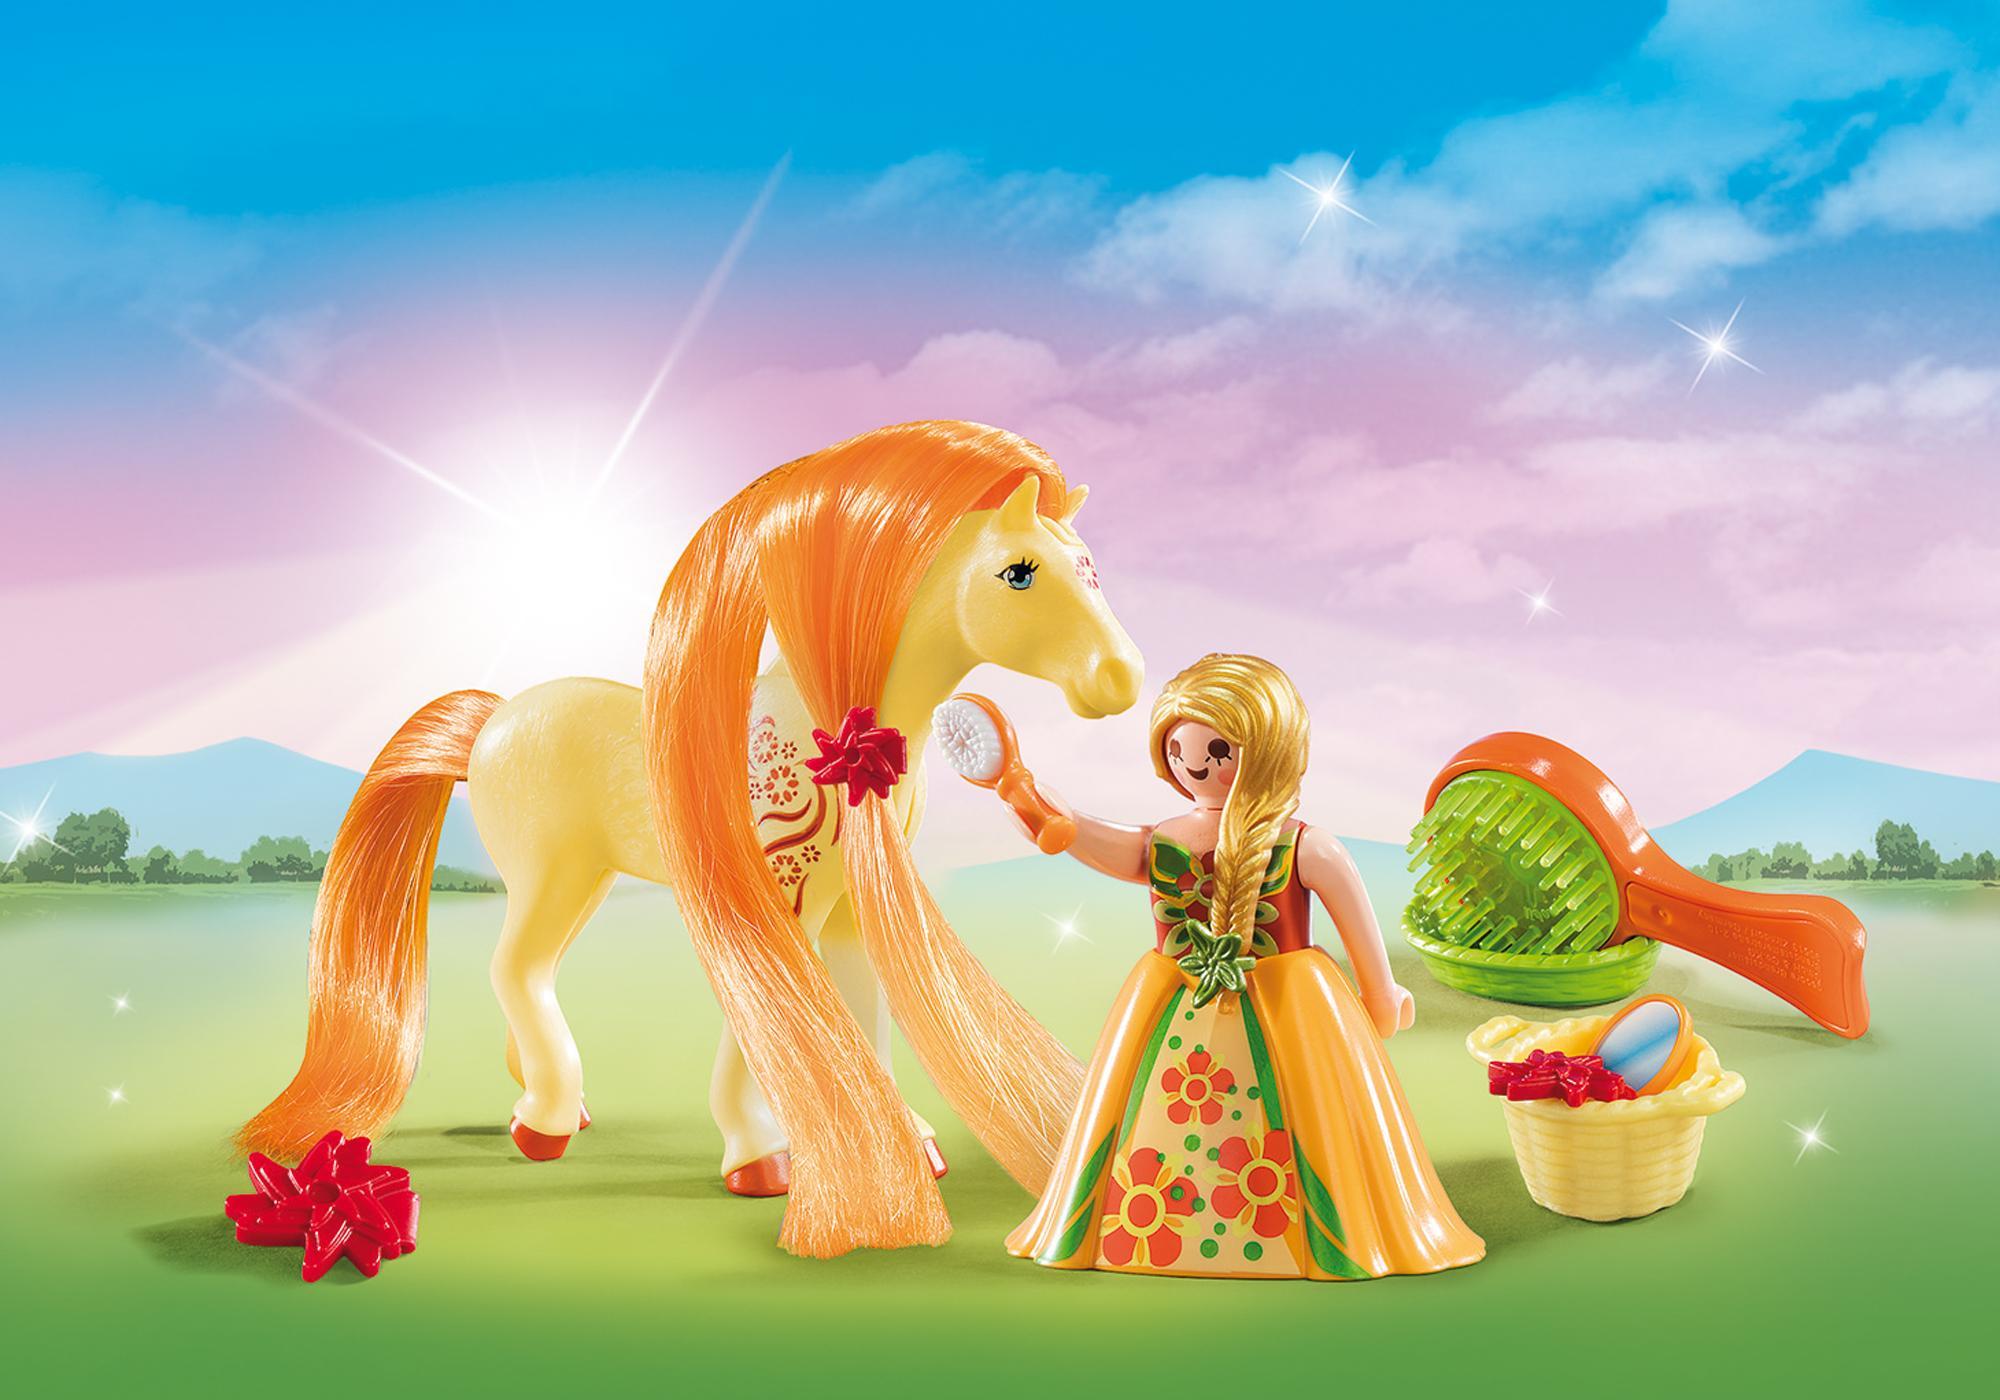 http://media.playmobil.com/i/playmobil/5656_product_detail/Maleta grande Princesa com Cavalo